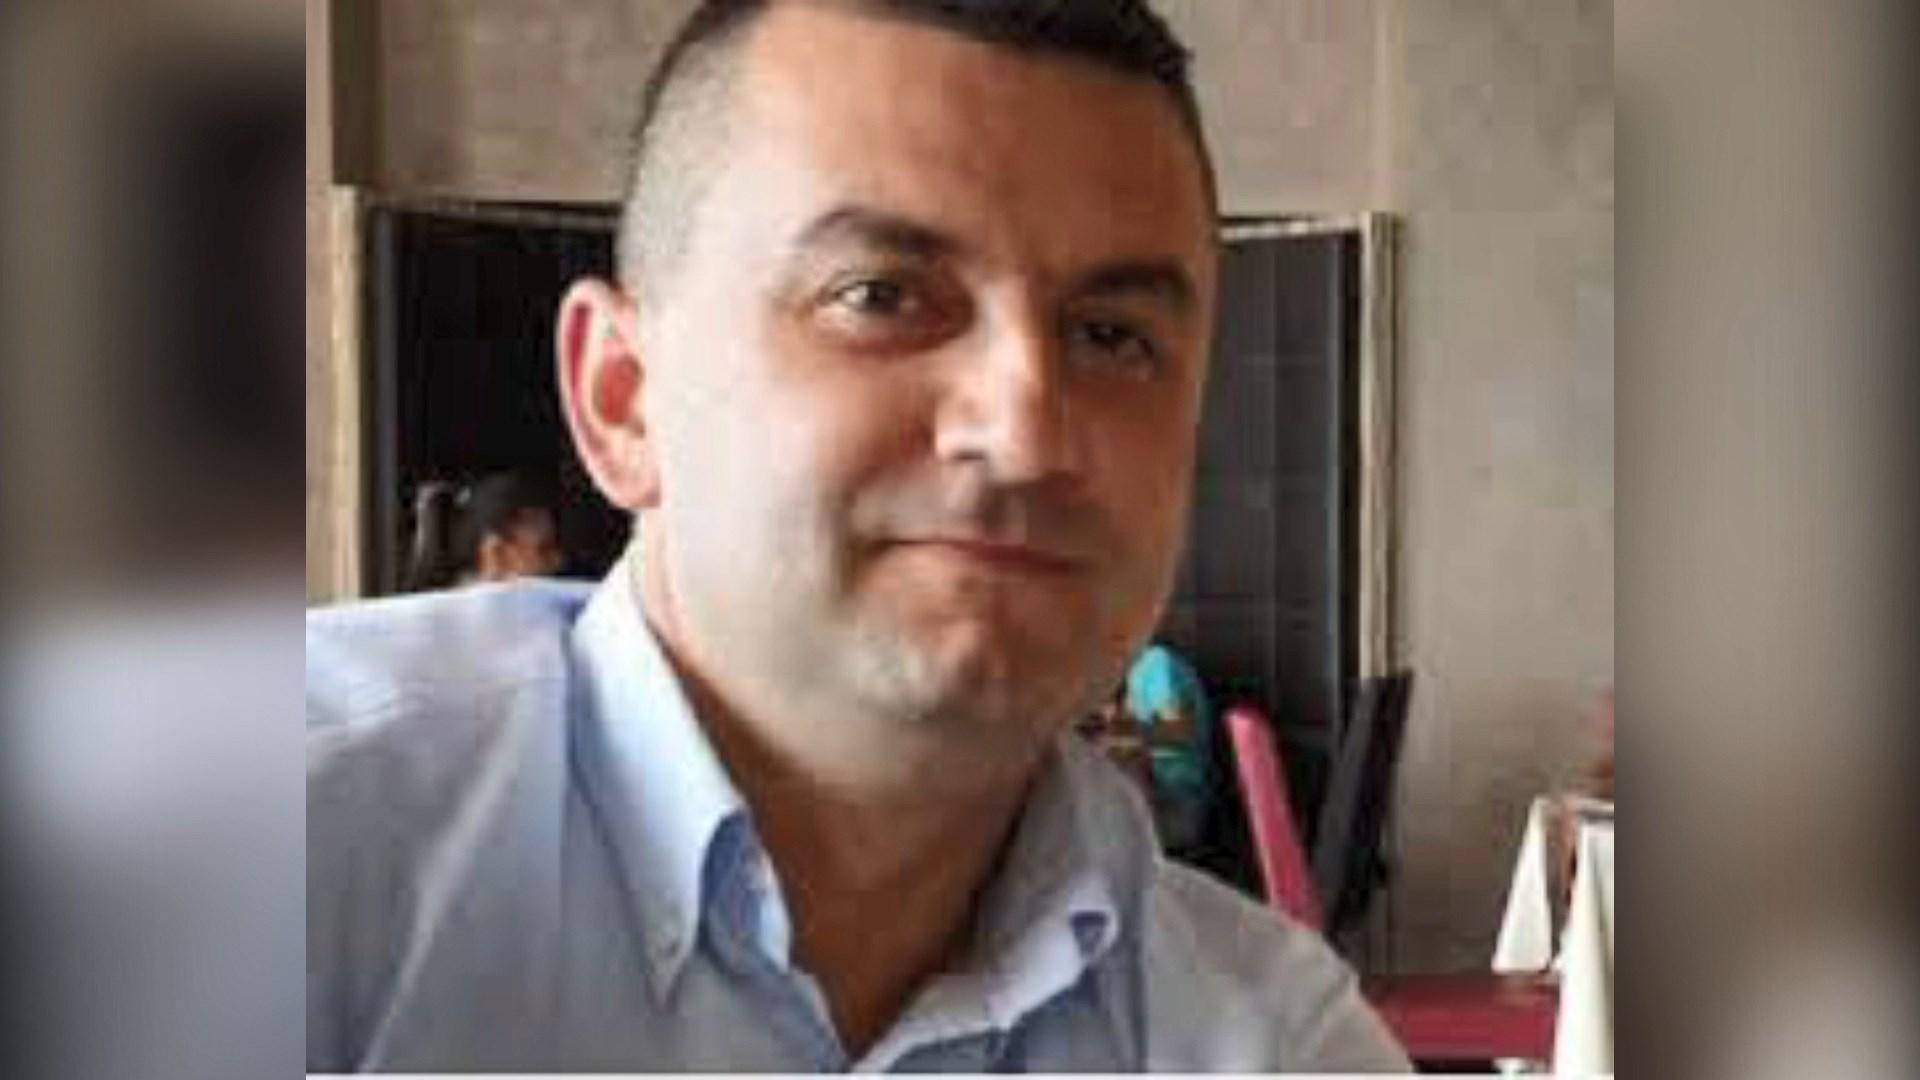 Abuzoi me tenderin për përroin, dënohet ish-Kryebashkiaku i Krujës